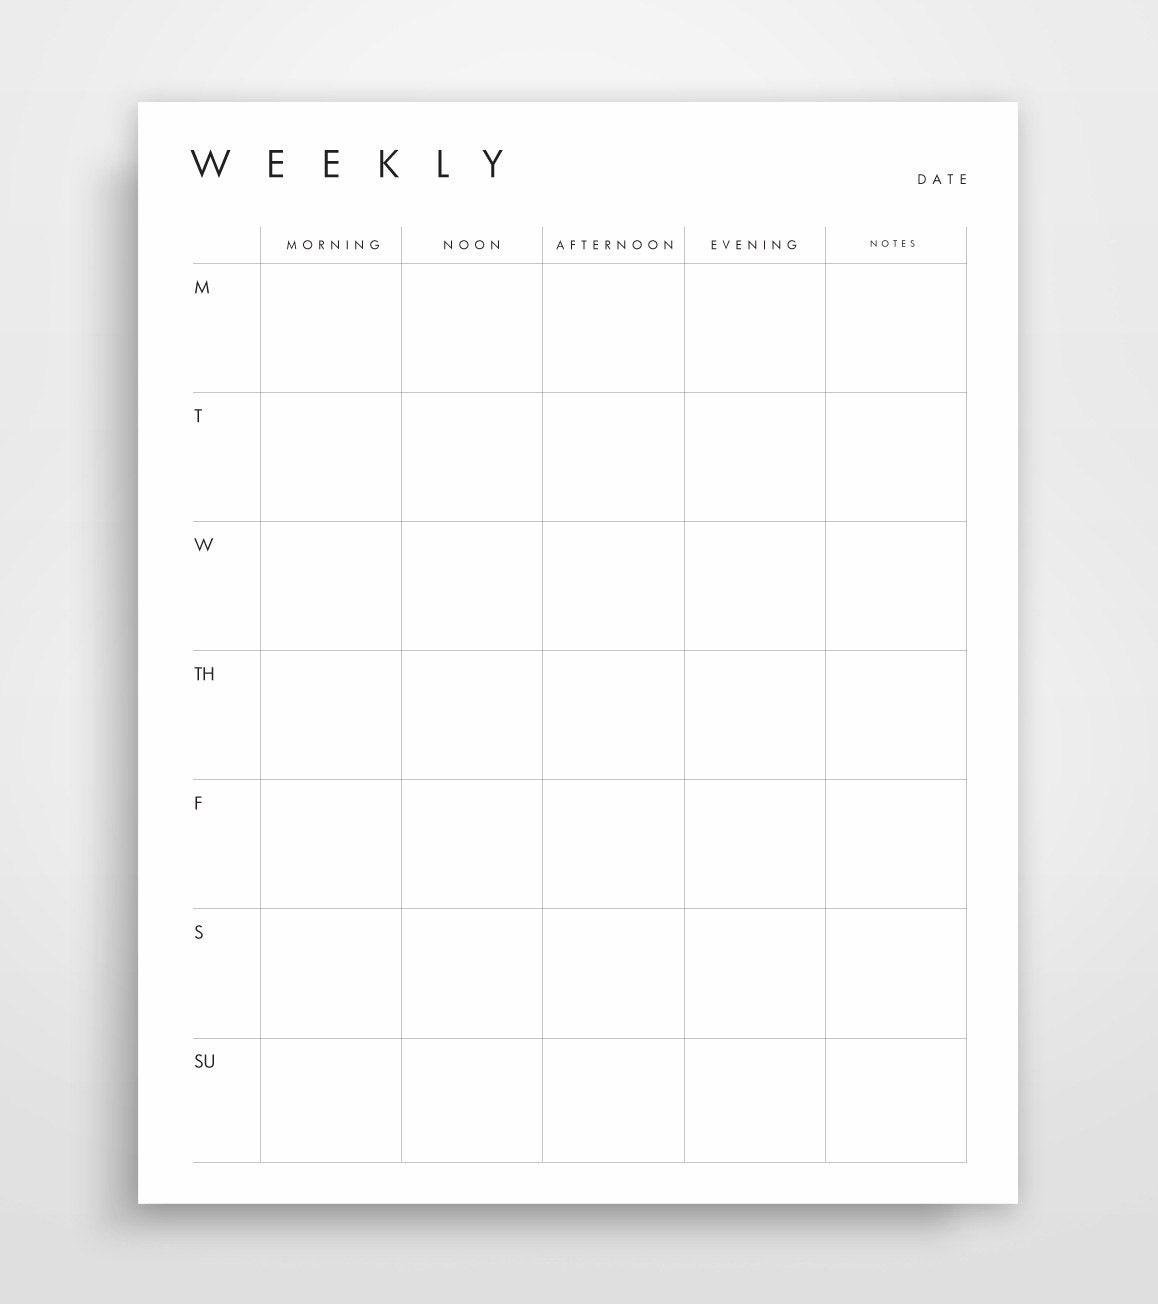 Monthly Calendar By Week : Weekly planner business printable week